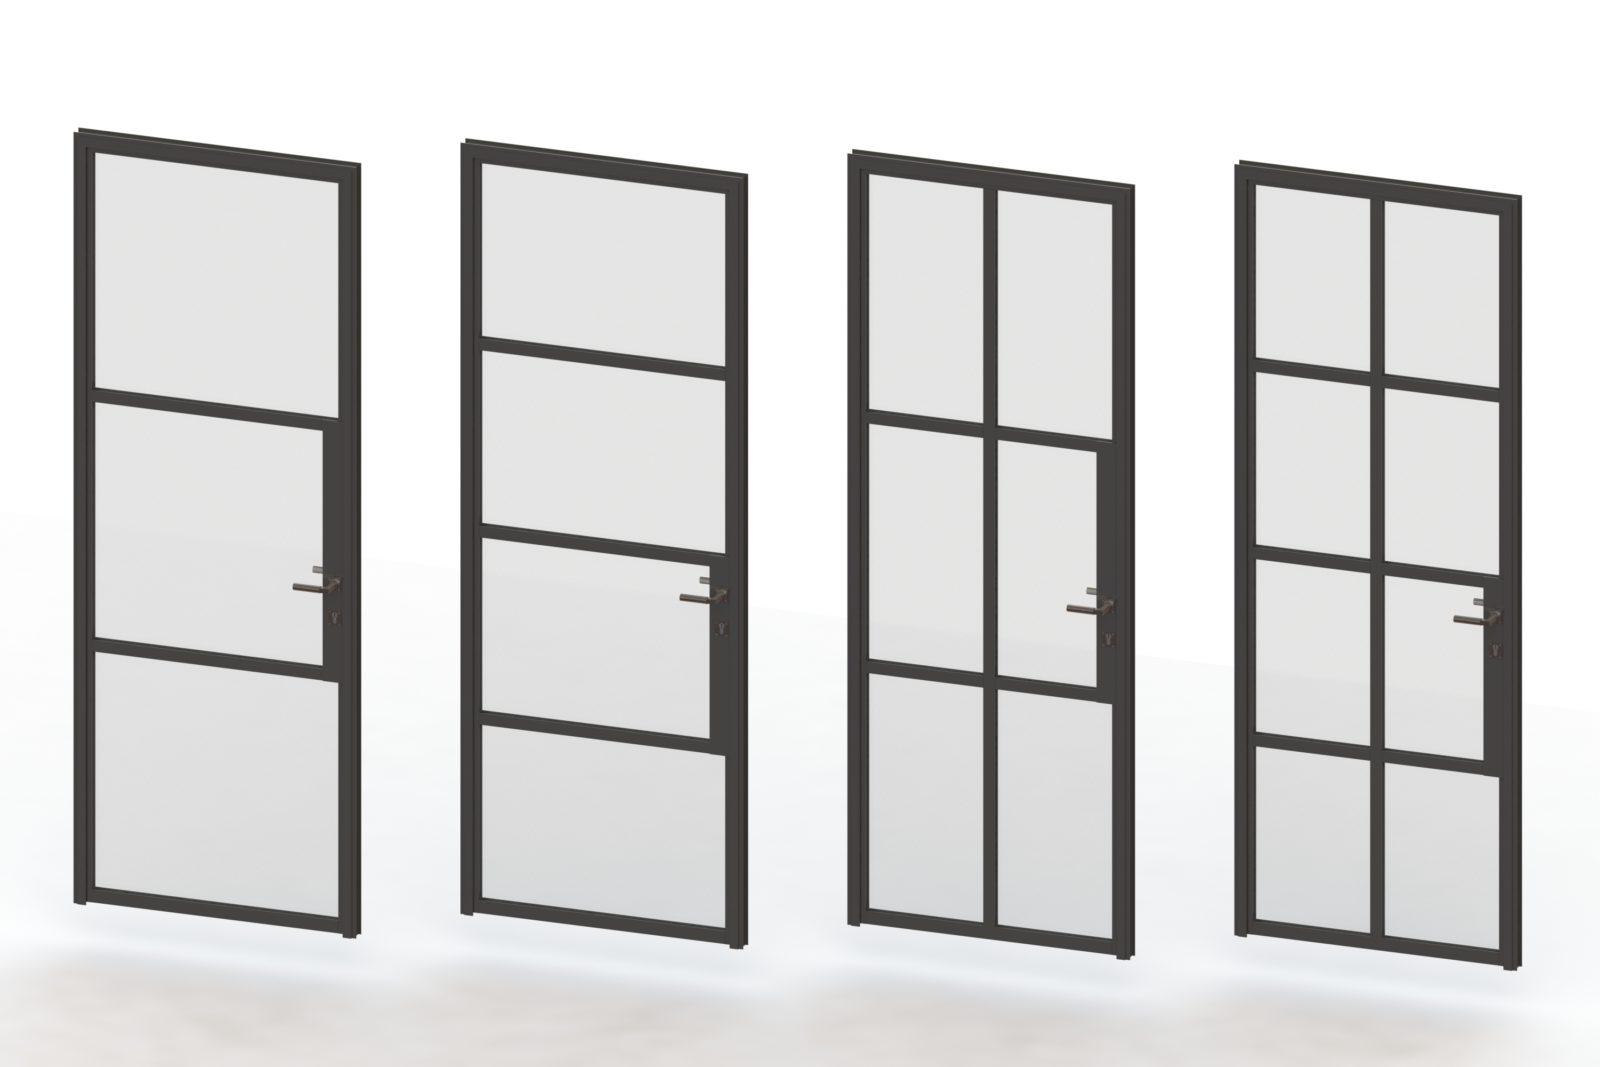 drzwi metalowo szklane